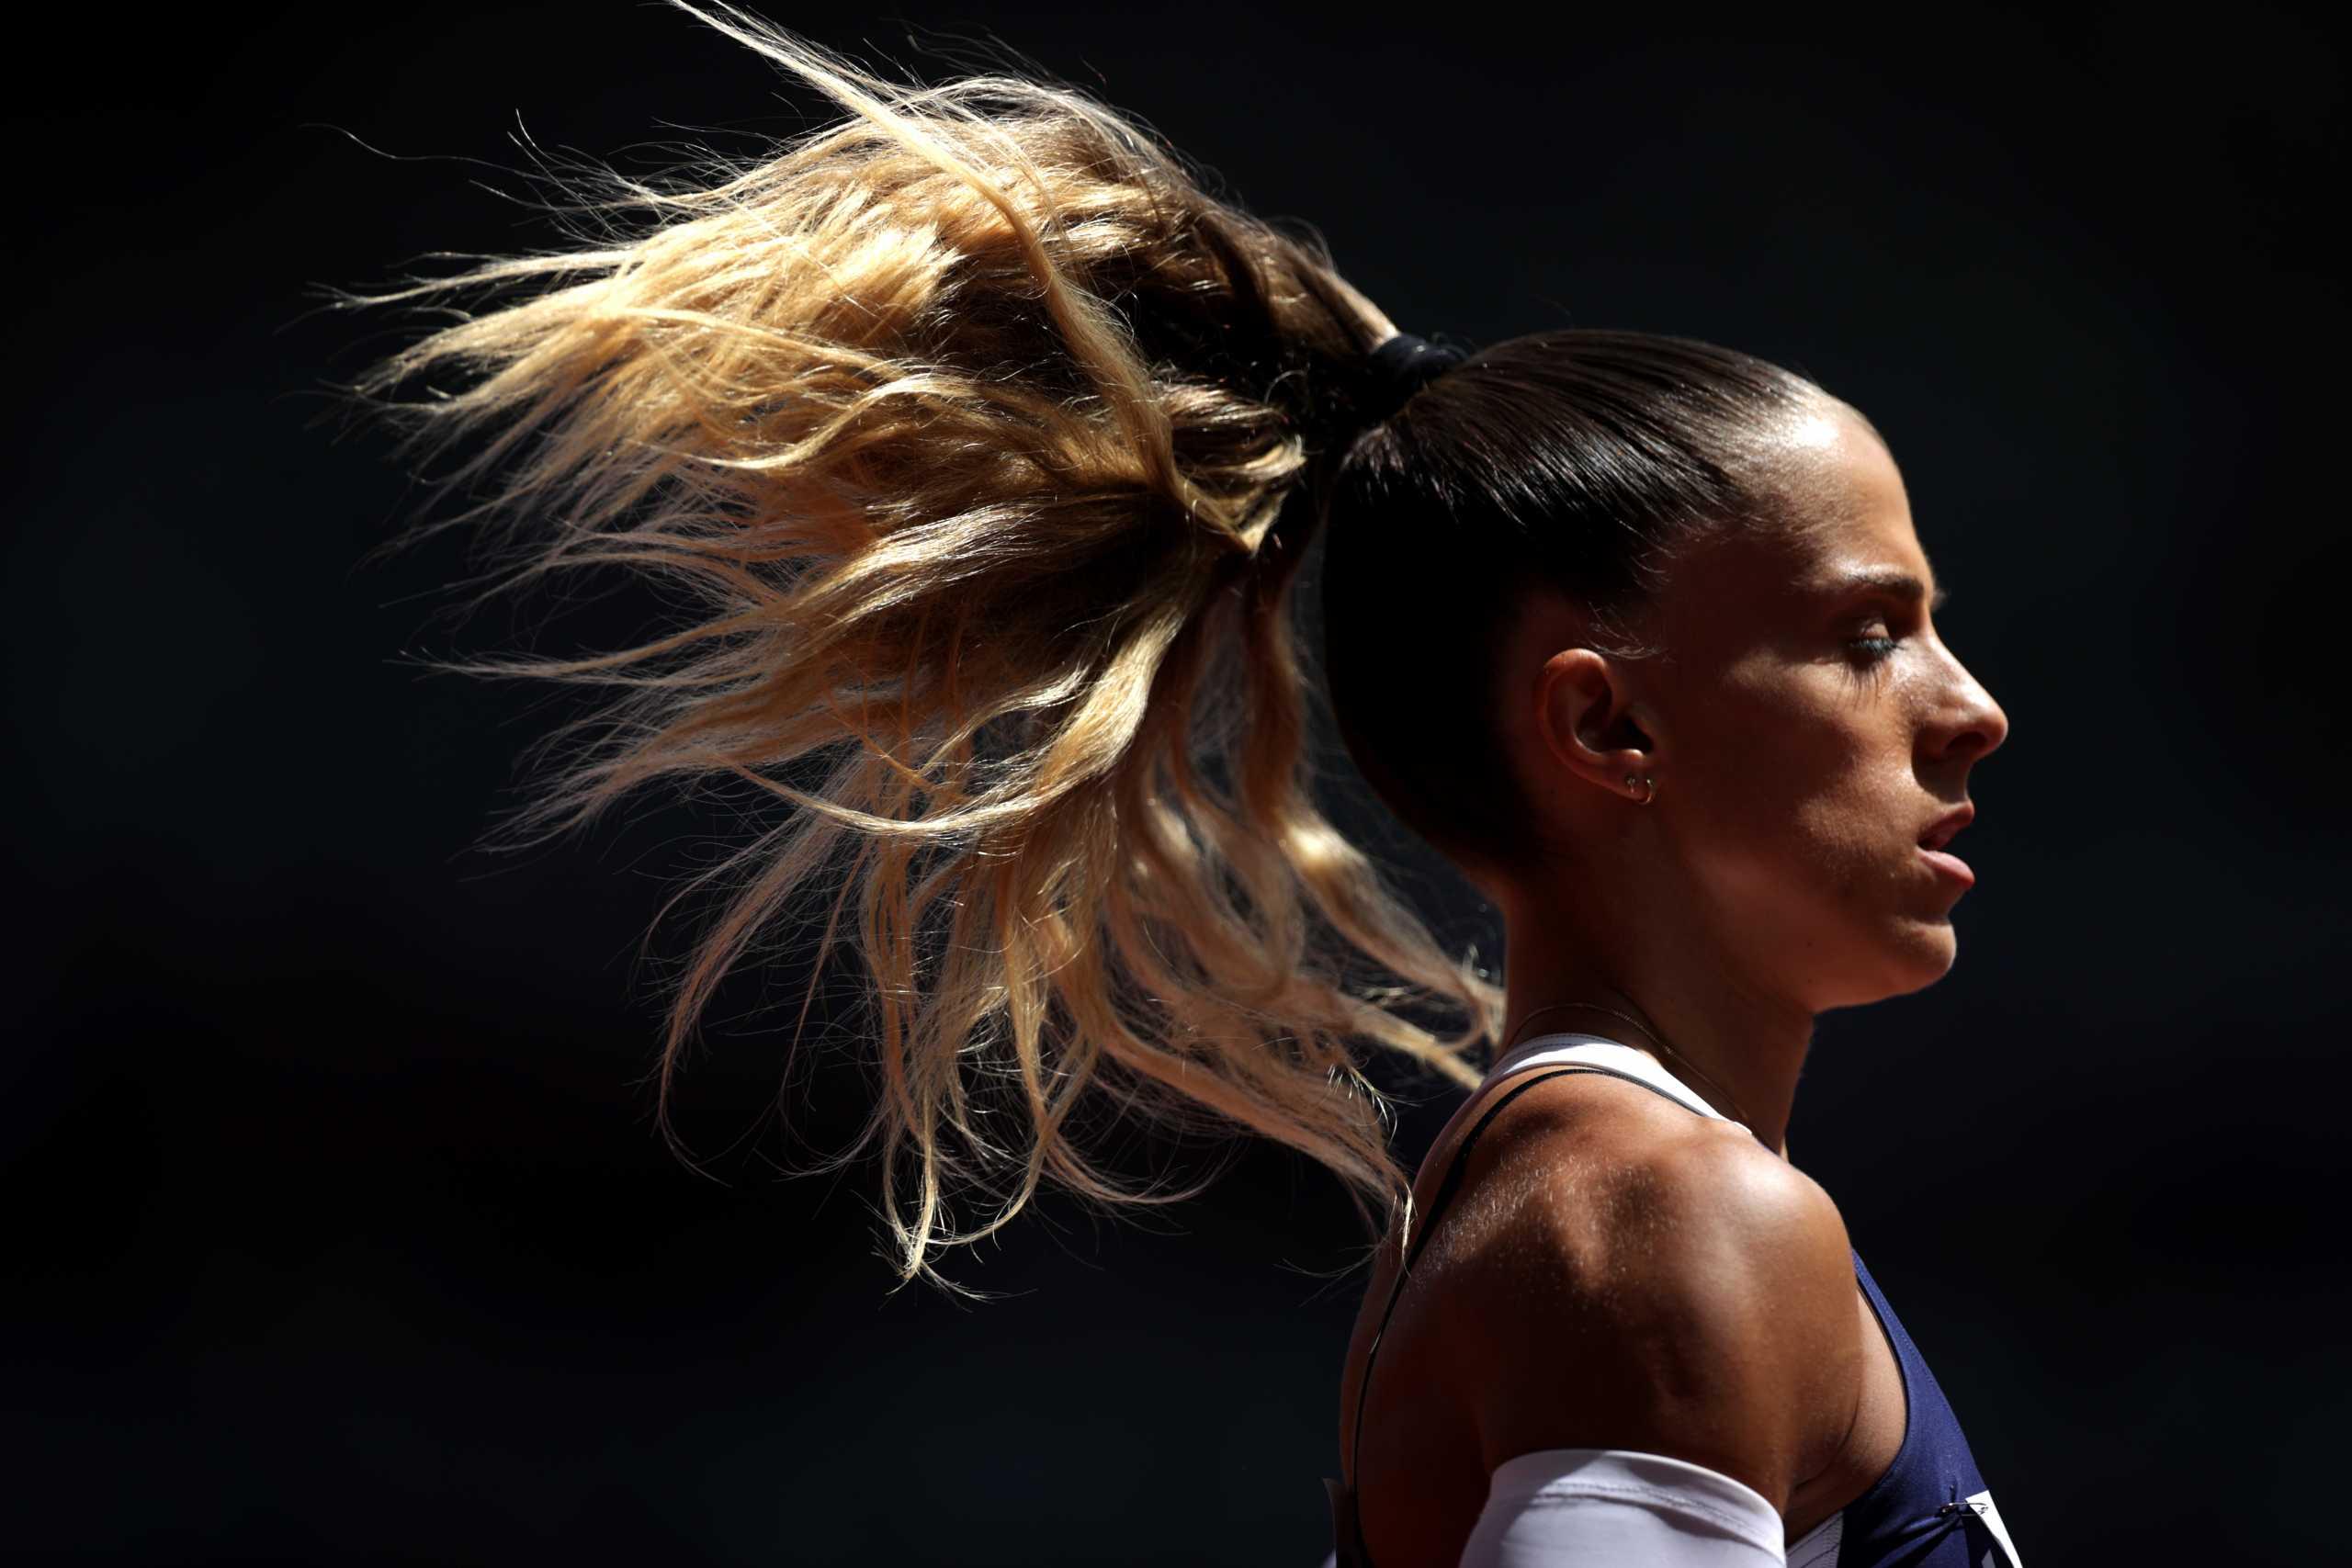 Ολυμπιακοί Αγώνες: Εκτός ημιτελικών η Ειρήνη Βασιλείου στα 400 μέτρα